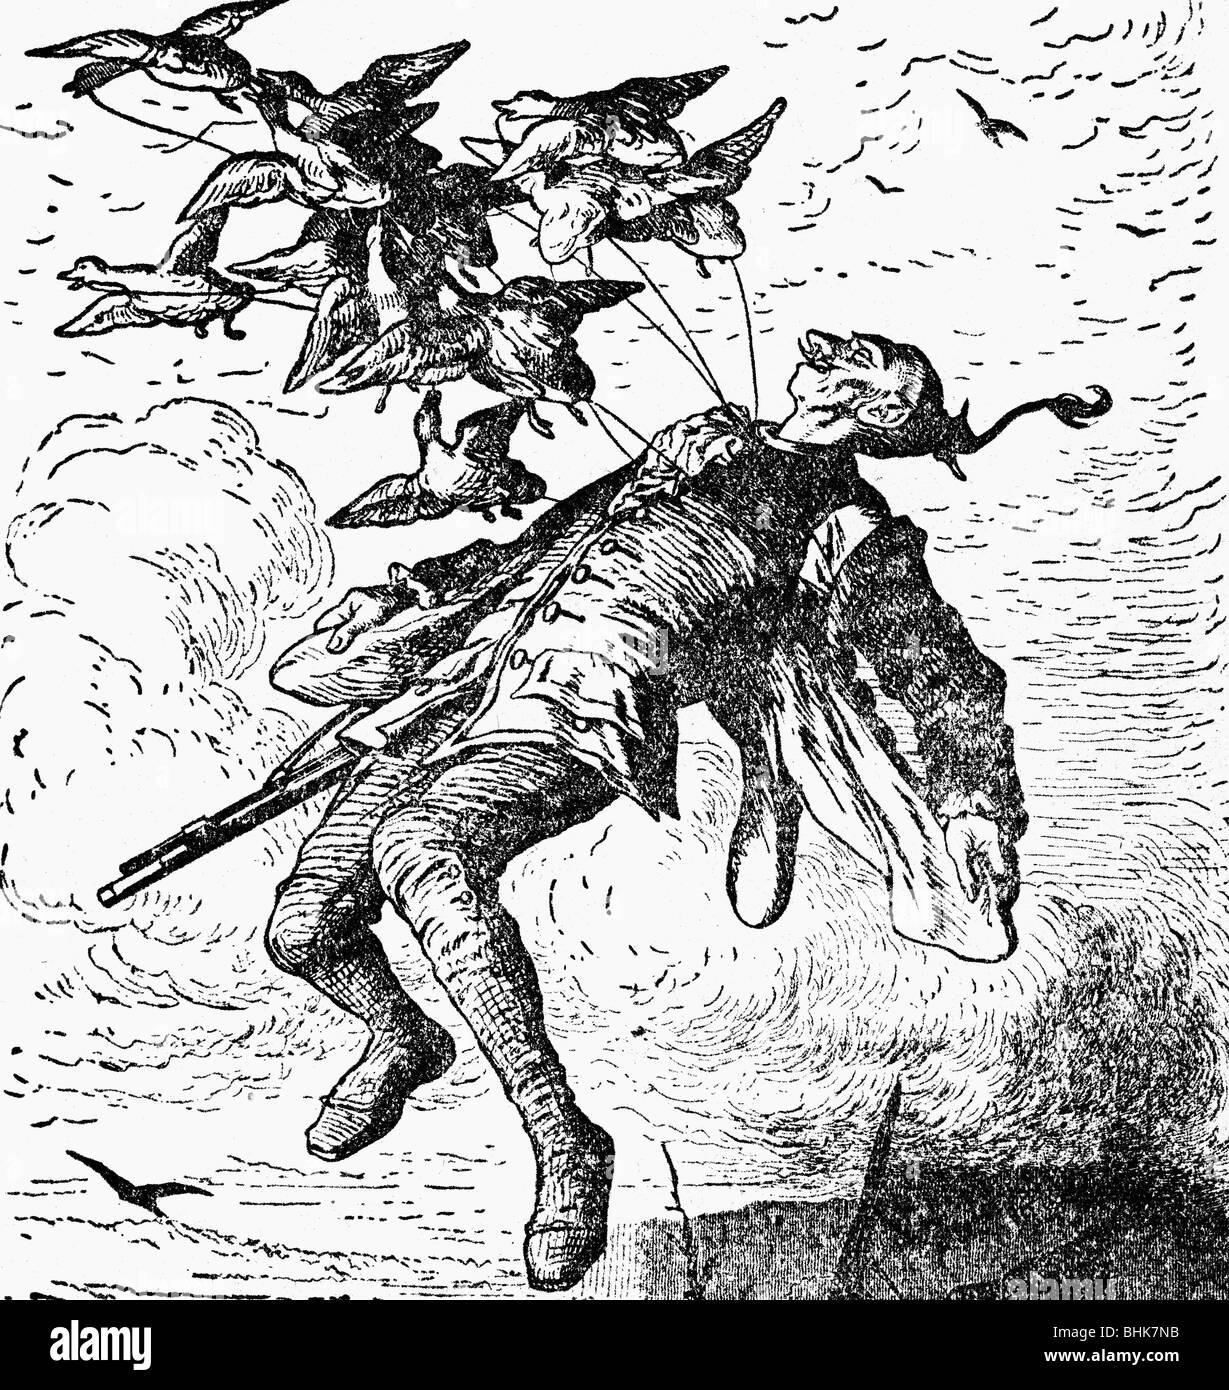 Munchhausen, Karl Friedrich Hieronymus von, 11.5.1720 - 22.2.1797, officier allemand, aventures, est levé dans l'air par des canards, gravure en bois, 1874, , Banque D'Images